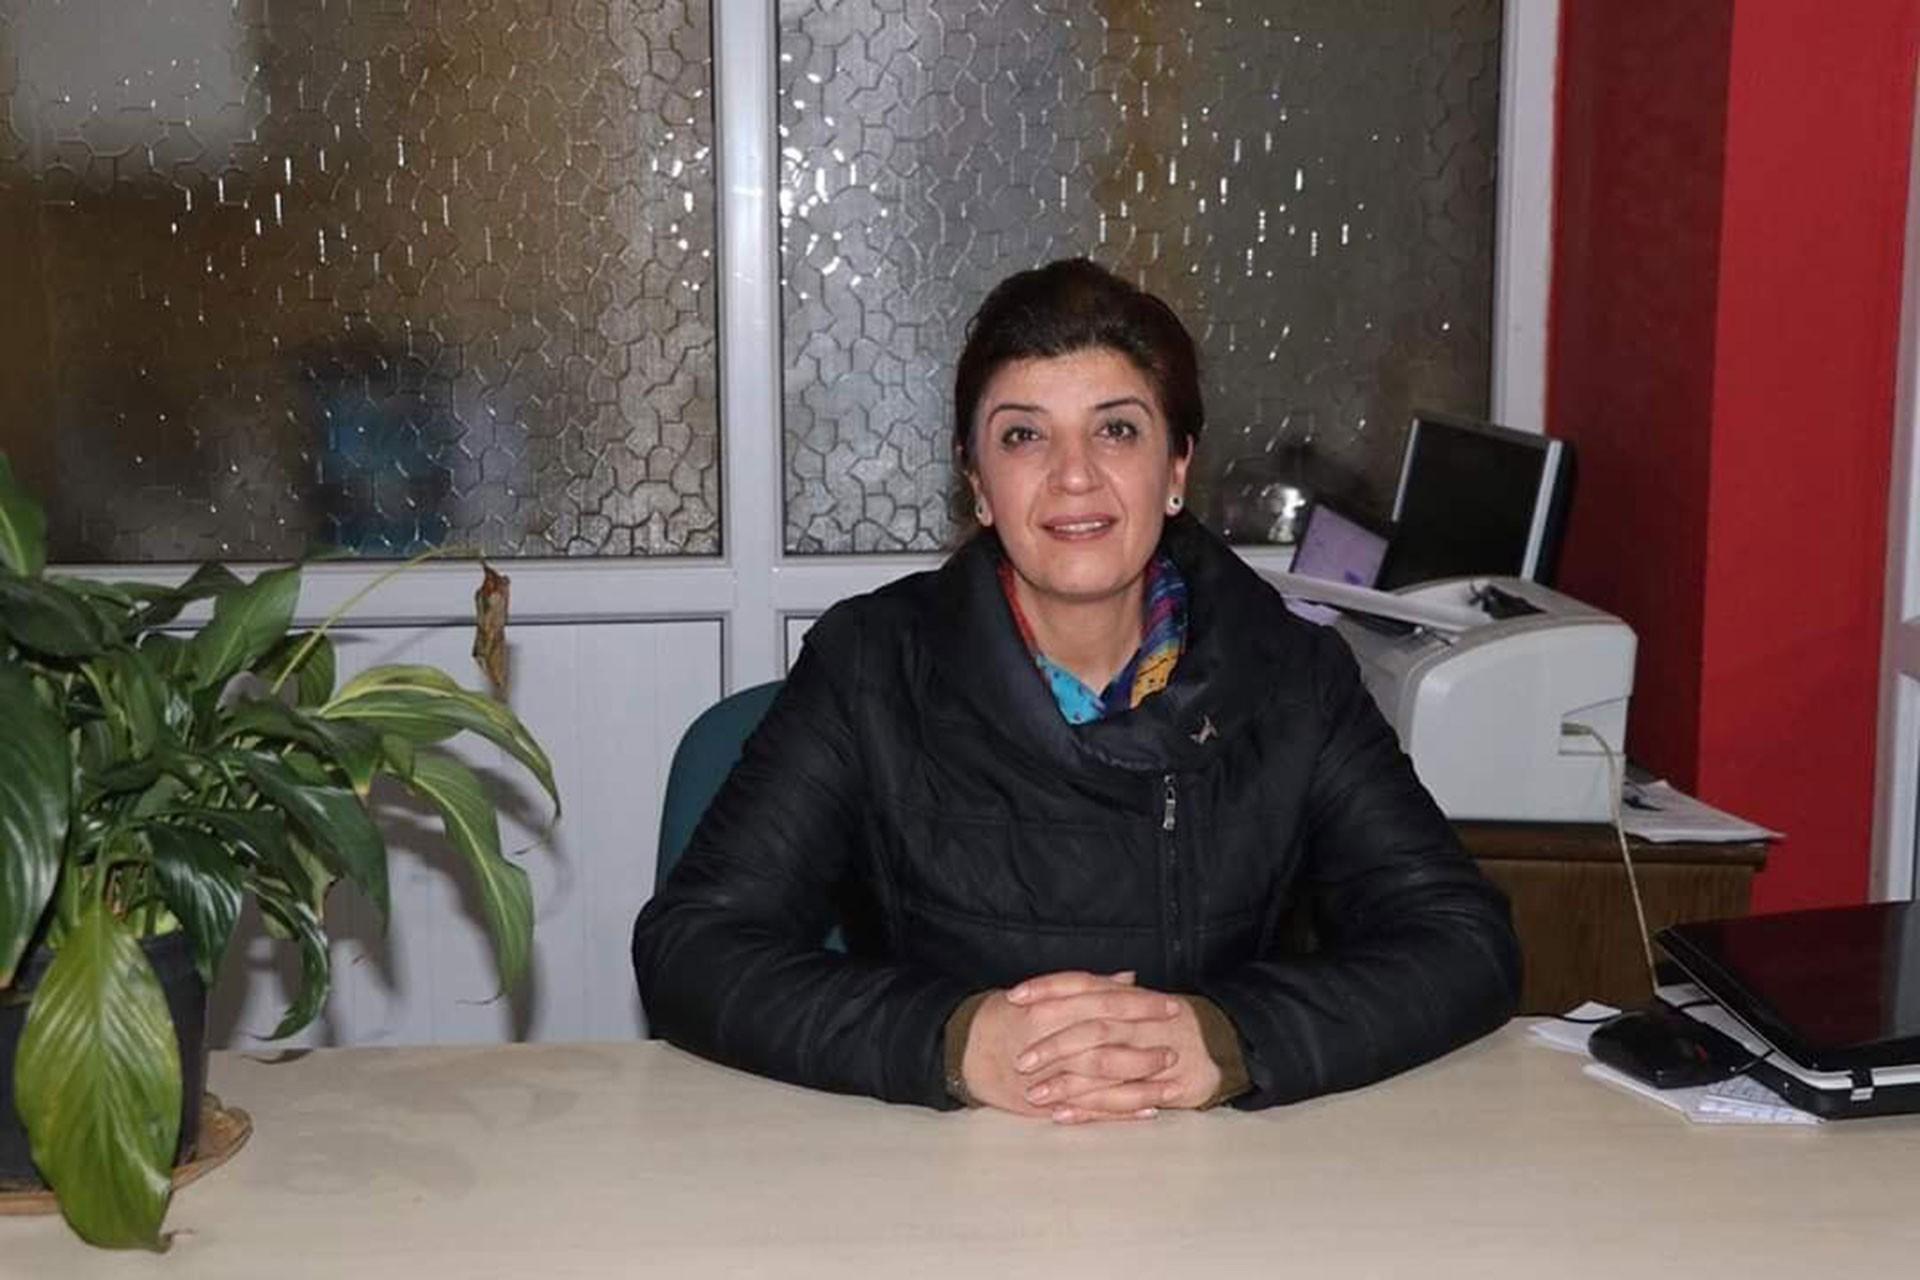 Malatya'da KHK gözaltısı: PSAKD Malatya Başkanı ile 2 kişi gözaltına alındı